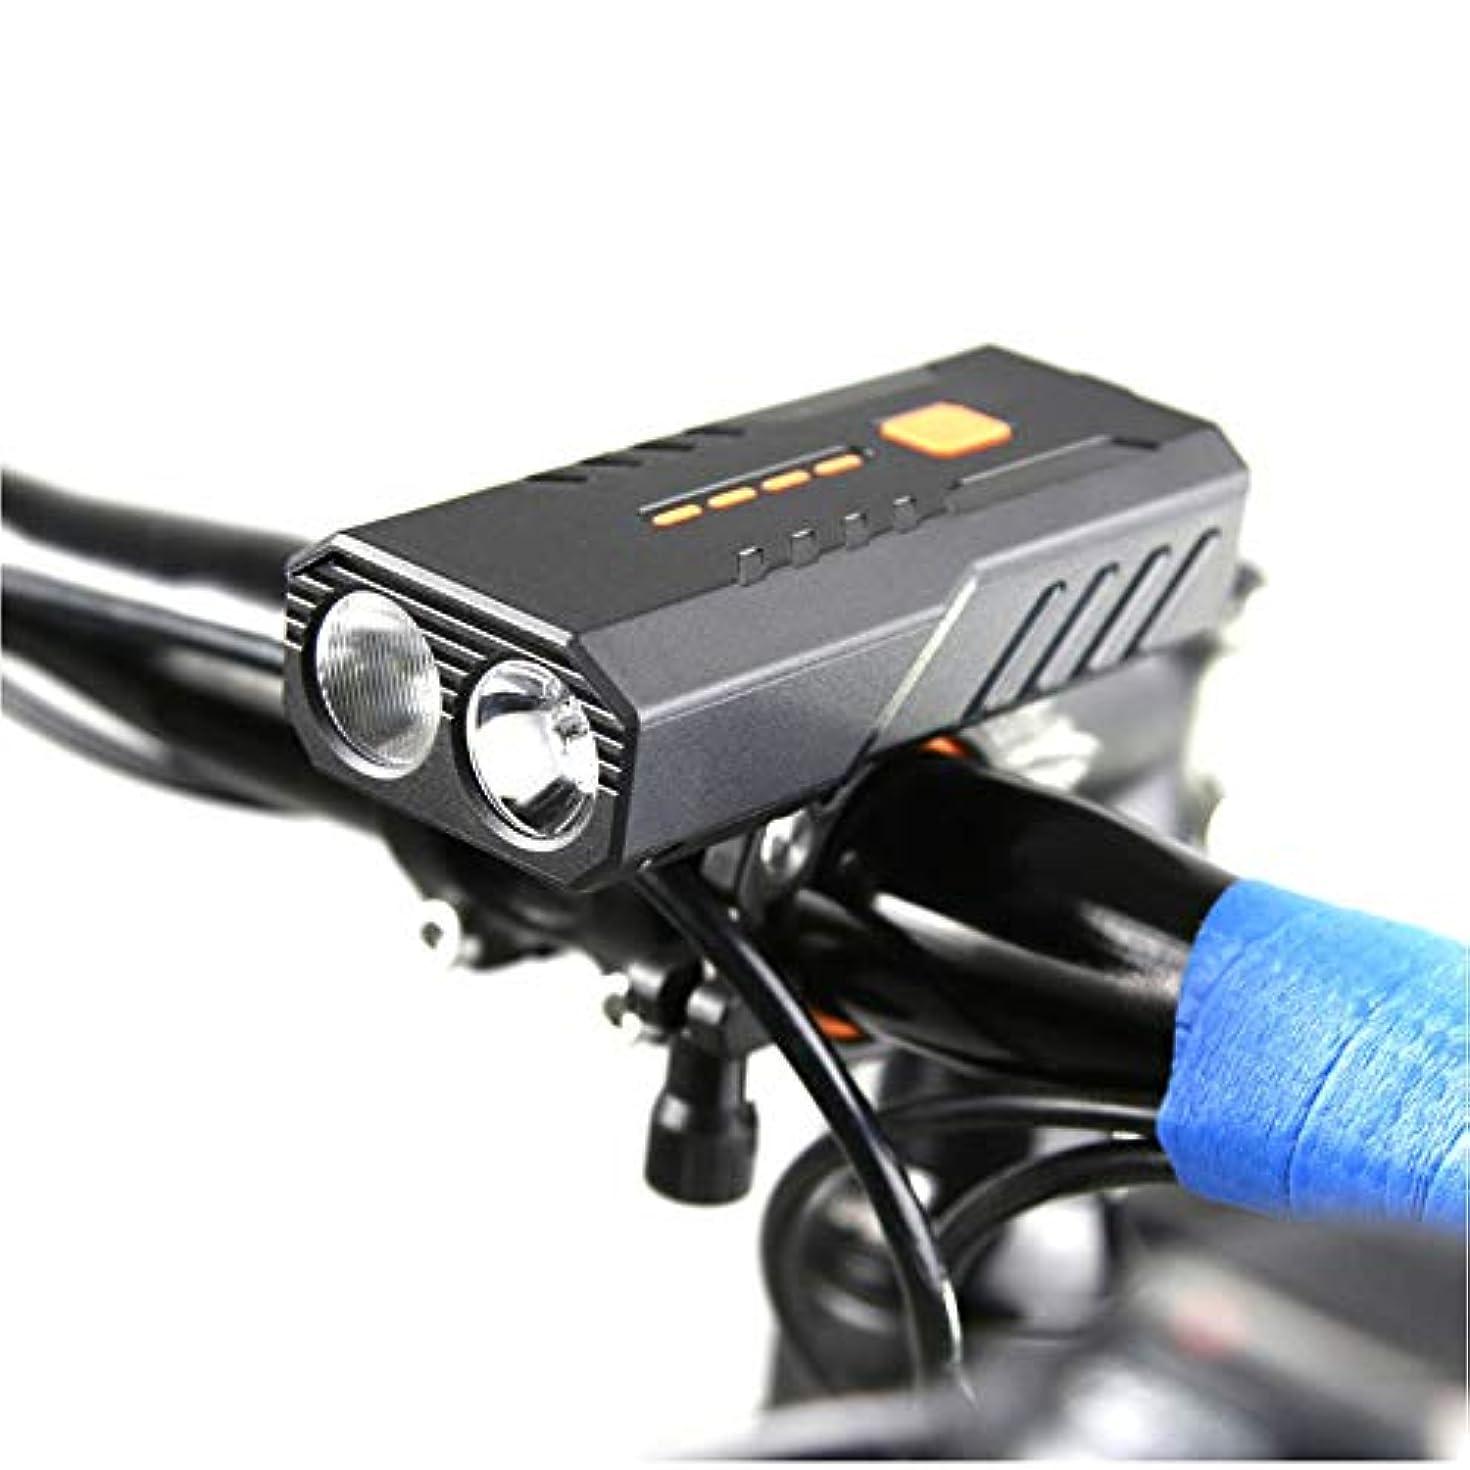 匹敵しますクレーター蘇生する自転車 ライト 4800mAh大容量電池 USB充電式 LED自転車ヘッドライト 3つ調光モード サイクリング アウトドア 高輝度IP63防水 120度の広角照明 防振 360°回転 停電対応 地震対策 通勤通学 登山 夜釣り